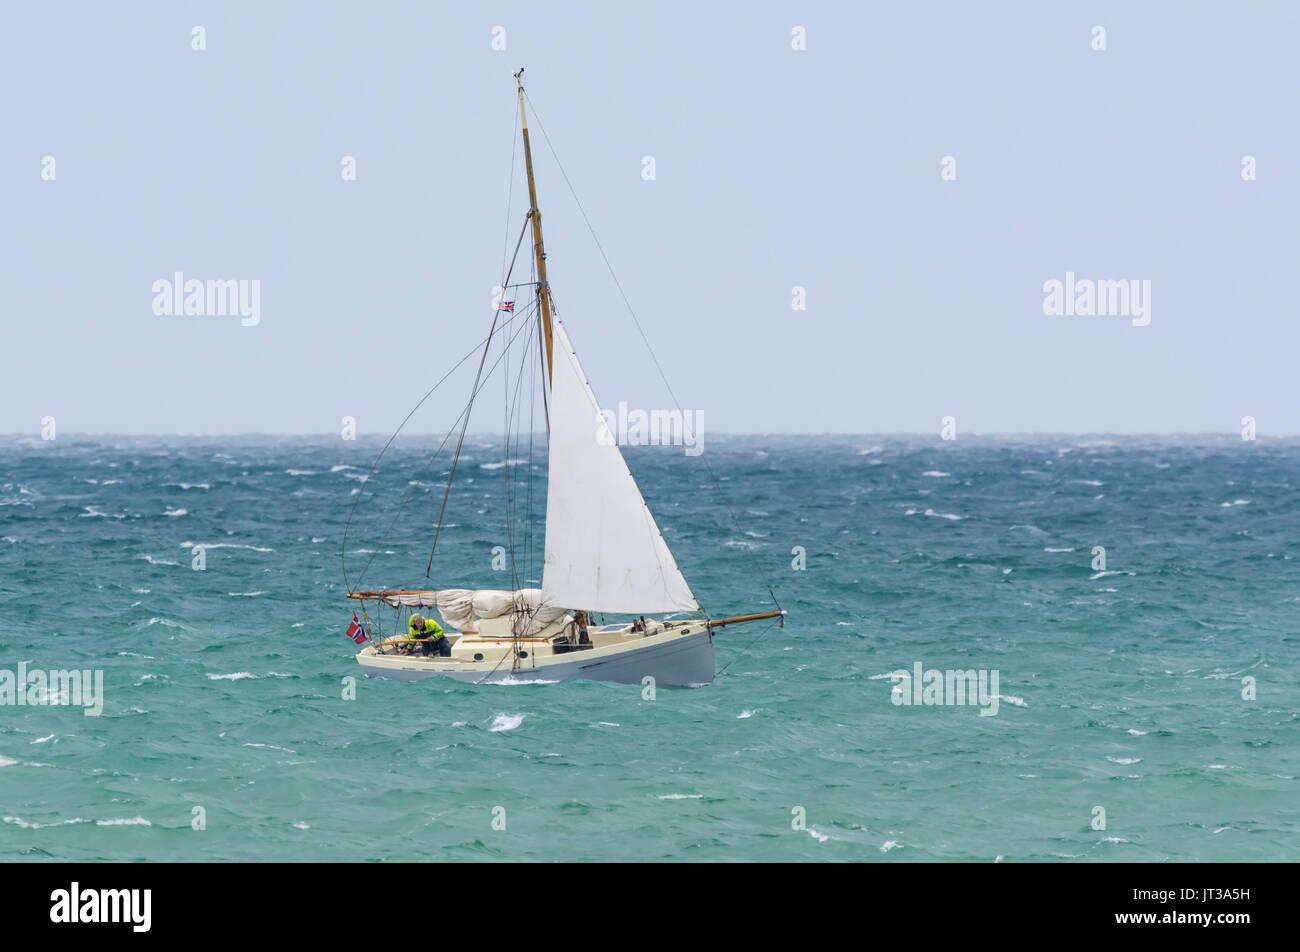 Piccola barca a vela sul mare mosso in una giornata di vento. Piccole barche. Foto Stock